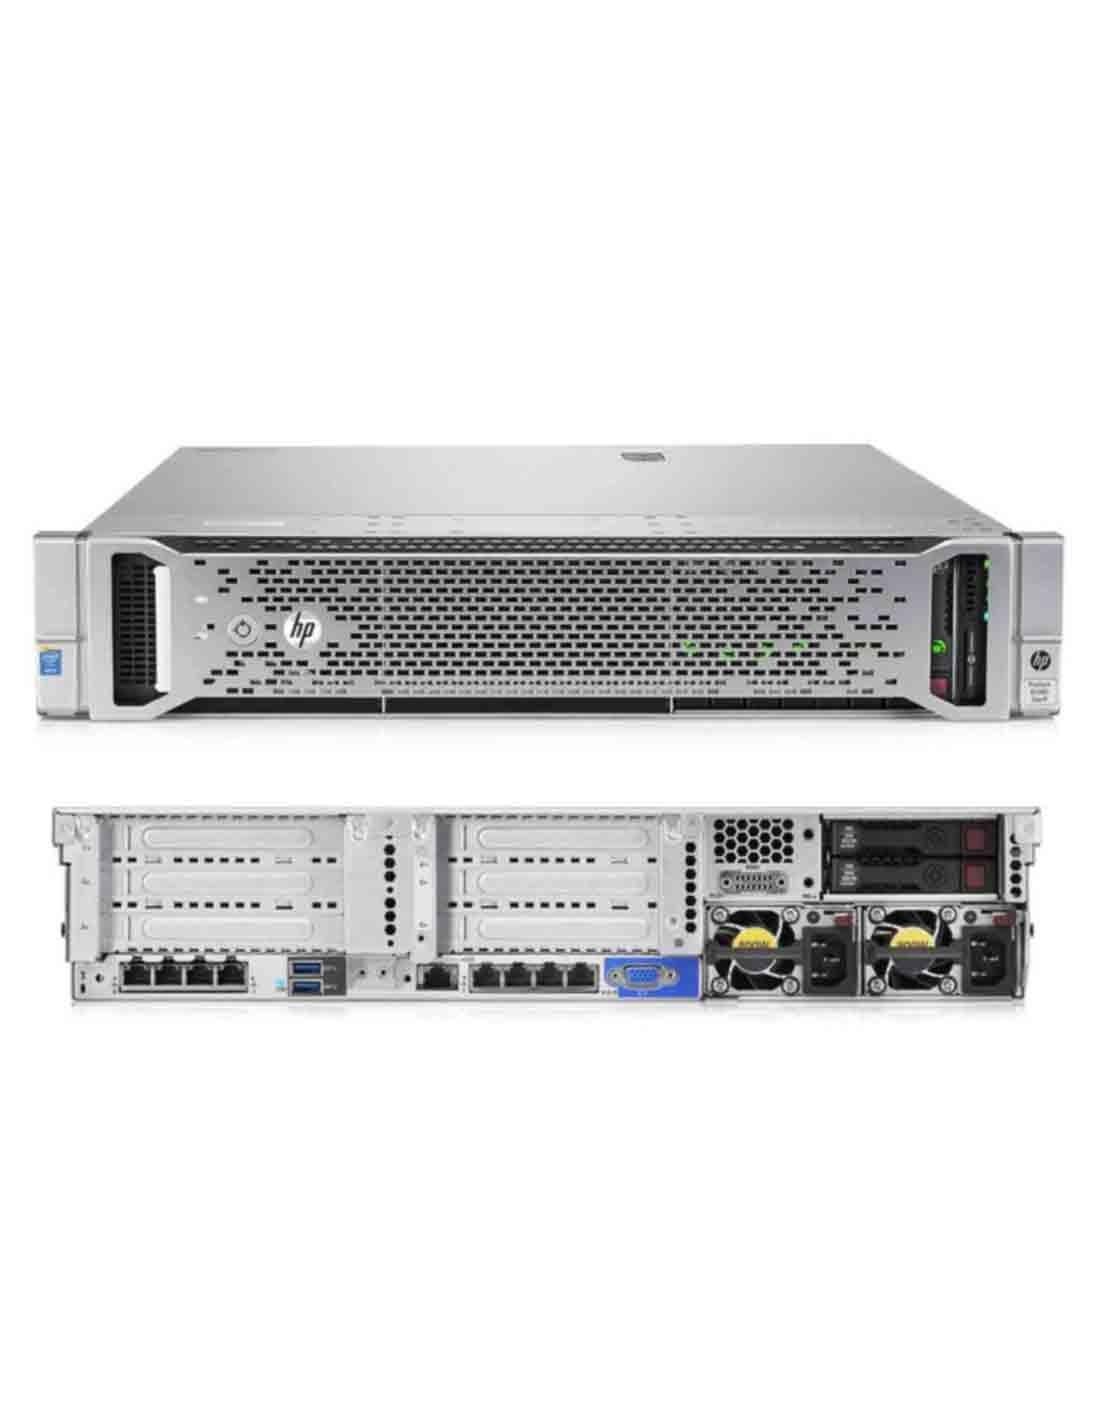 HP ProLiant DL380 Gen9 E5-2620v3 Server at a Cheap Price in Dubai UAE